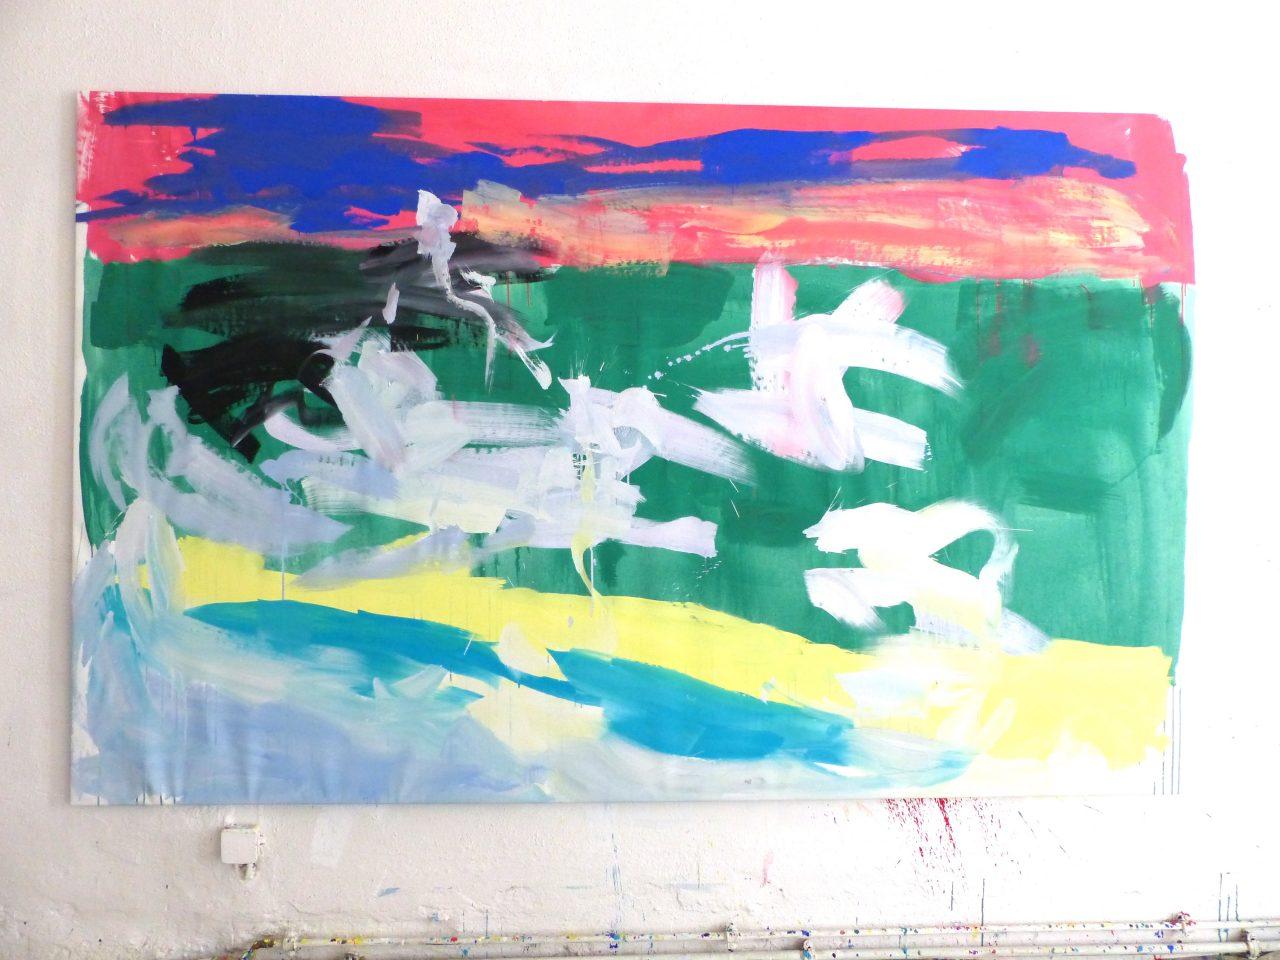 Ohne Titel, 2017, 155 x 250 cm